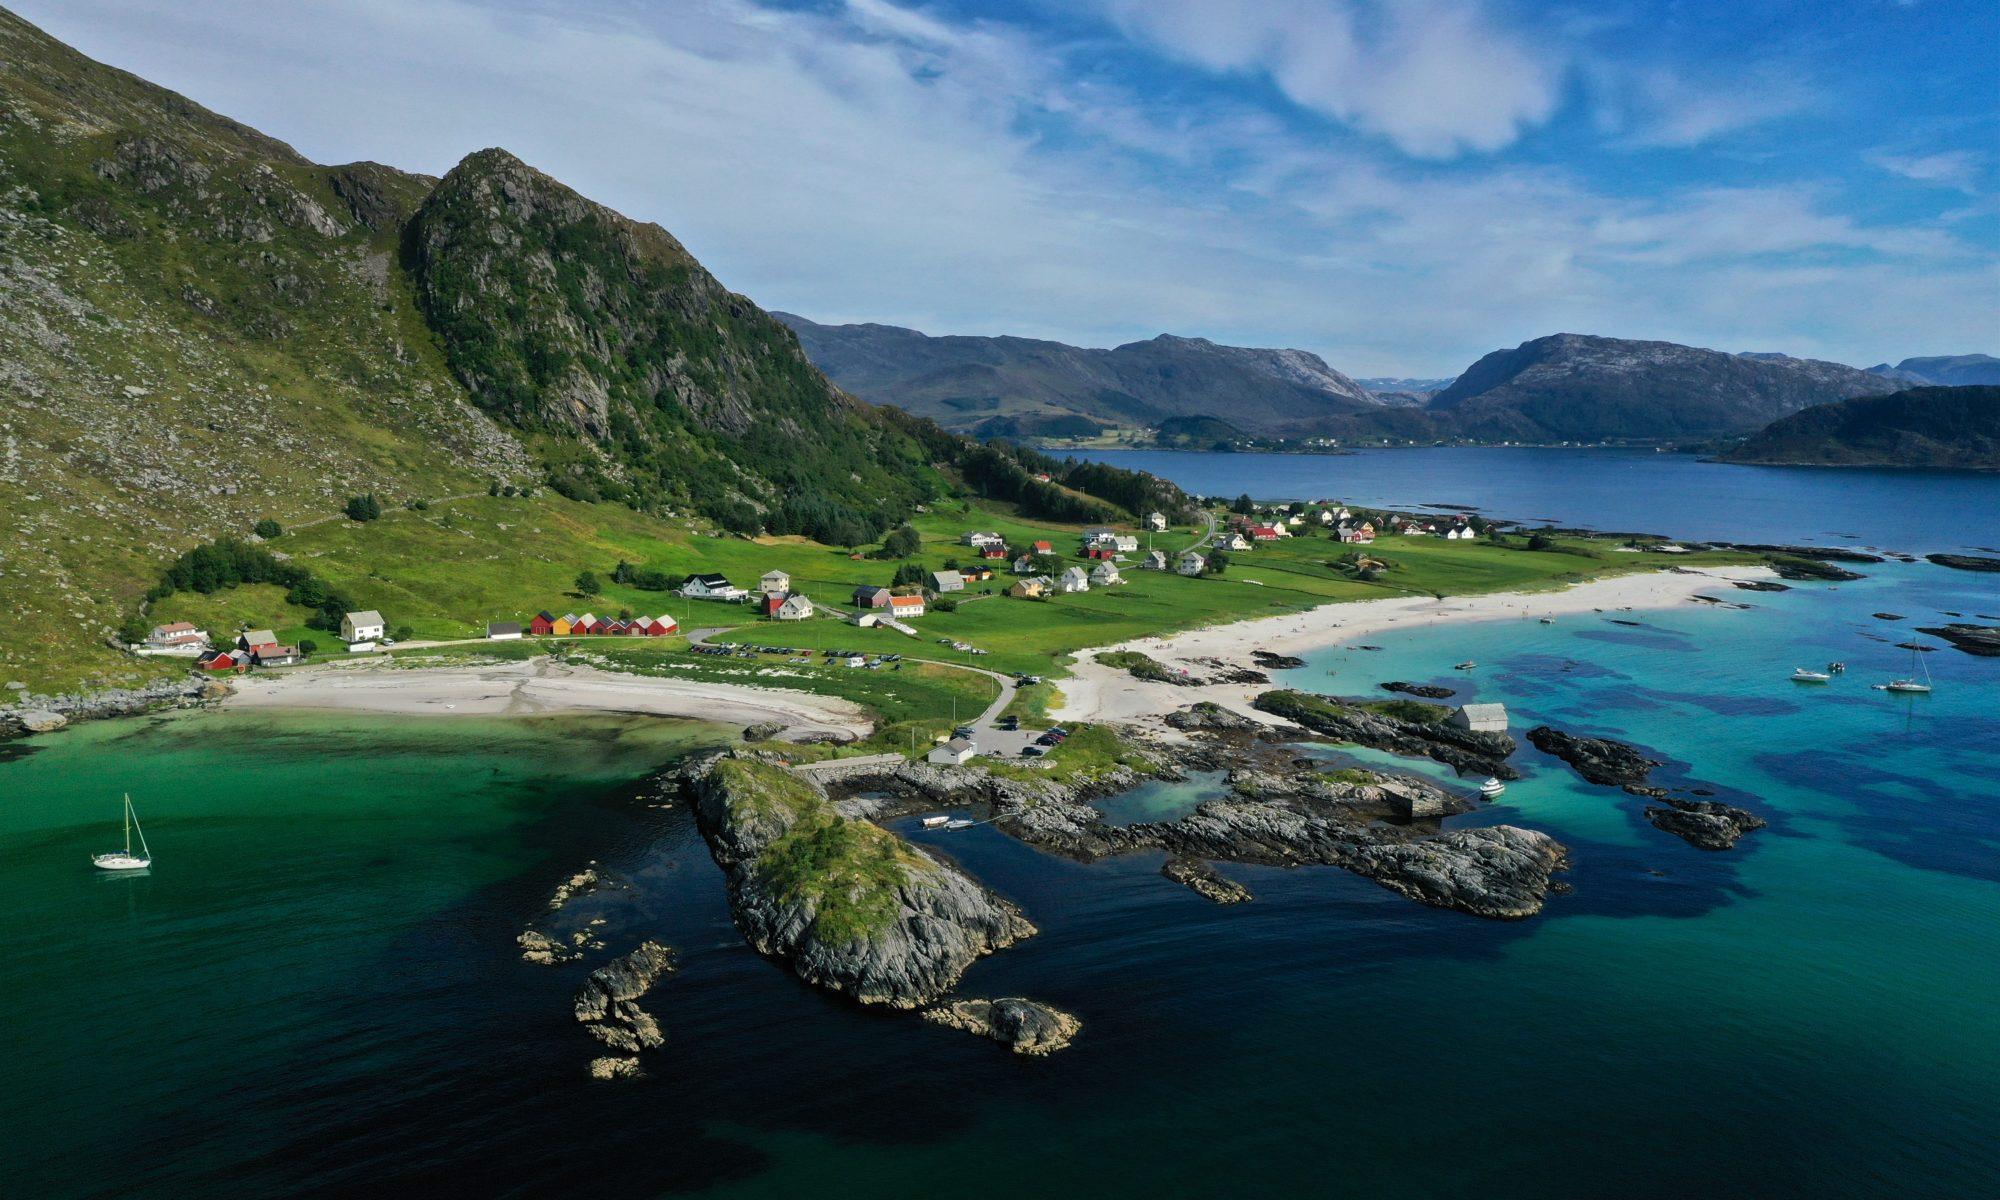 FJORDS NORGE - Grotlesanden og Bremangerlandet i Nordfjord, Norge